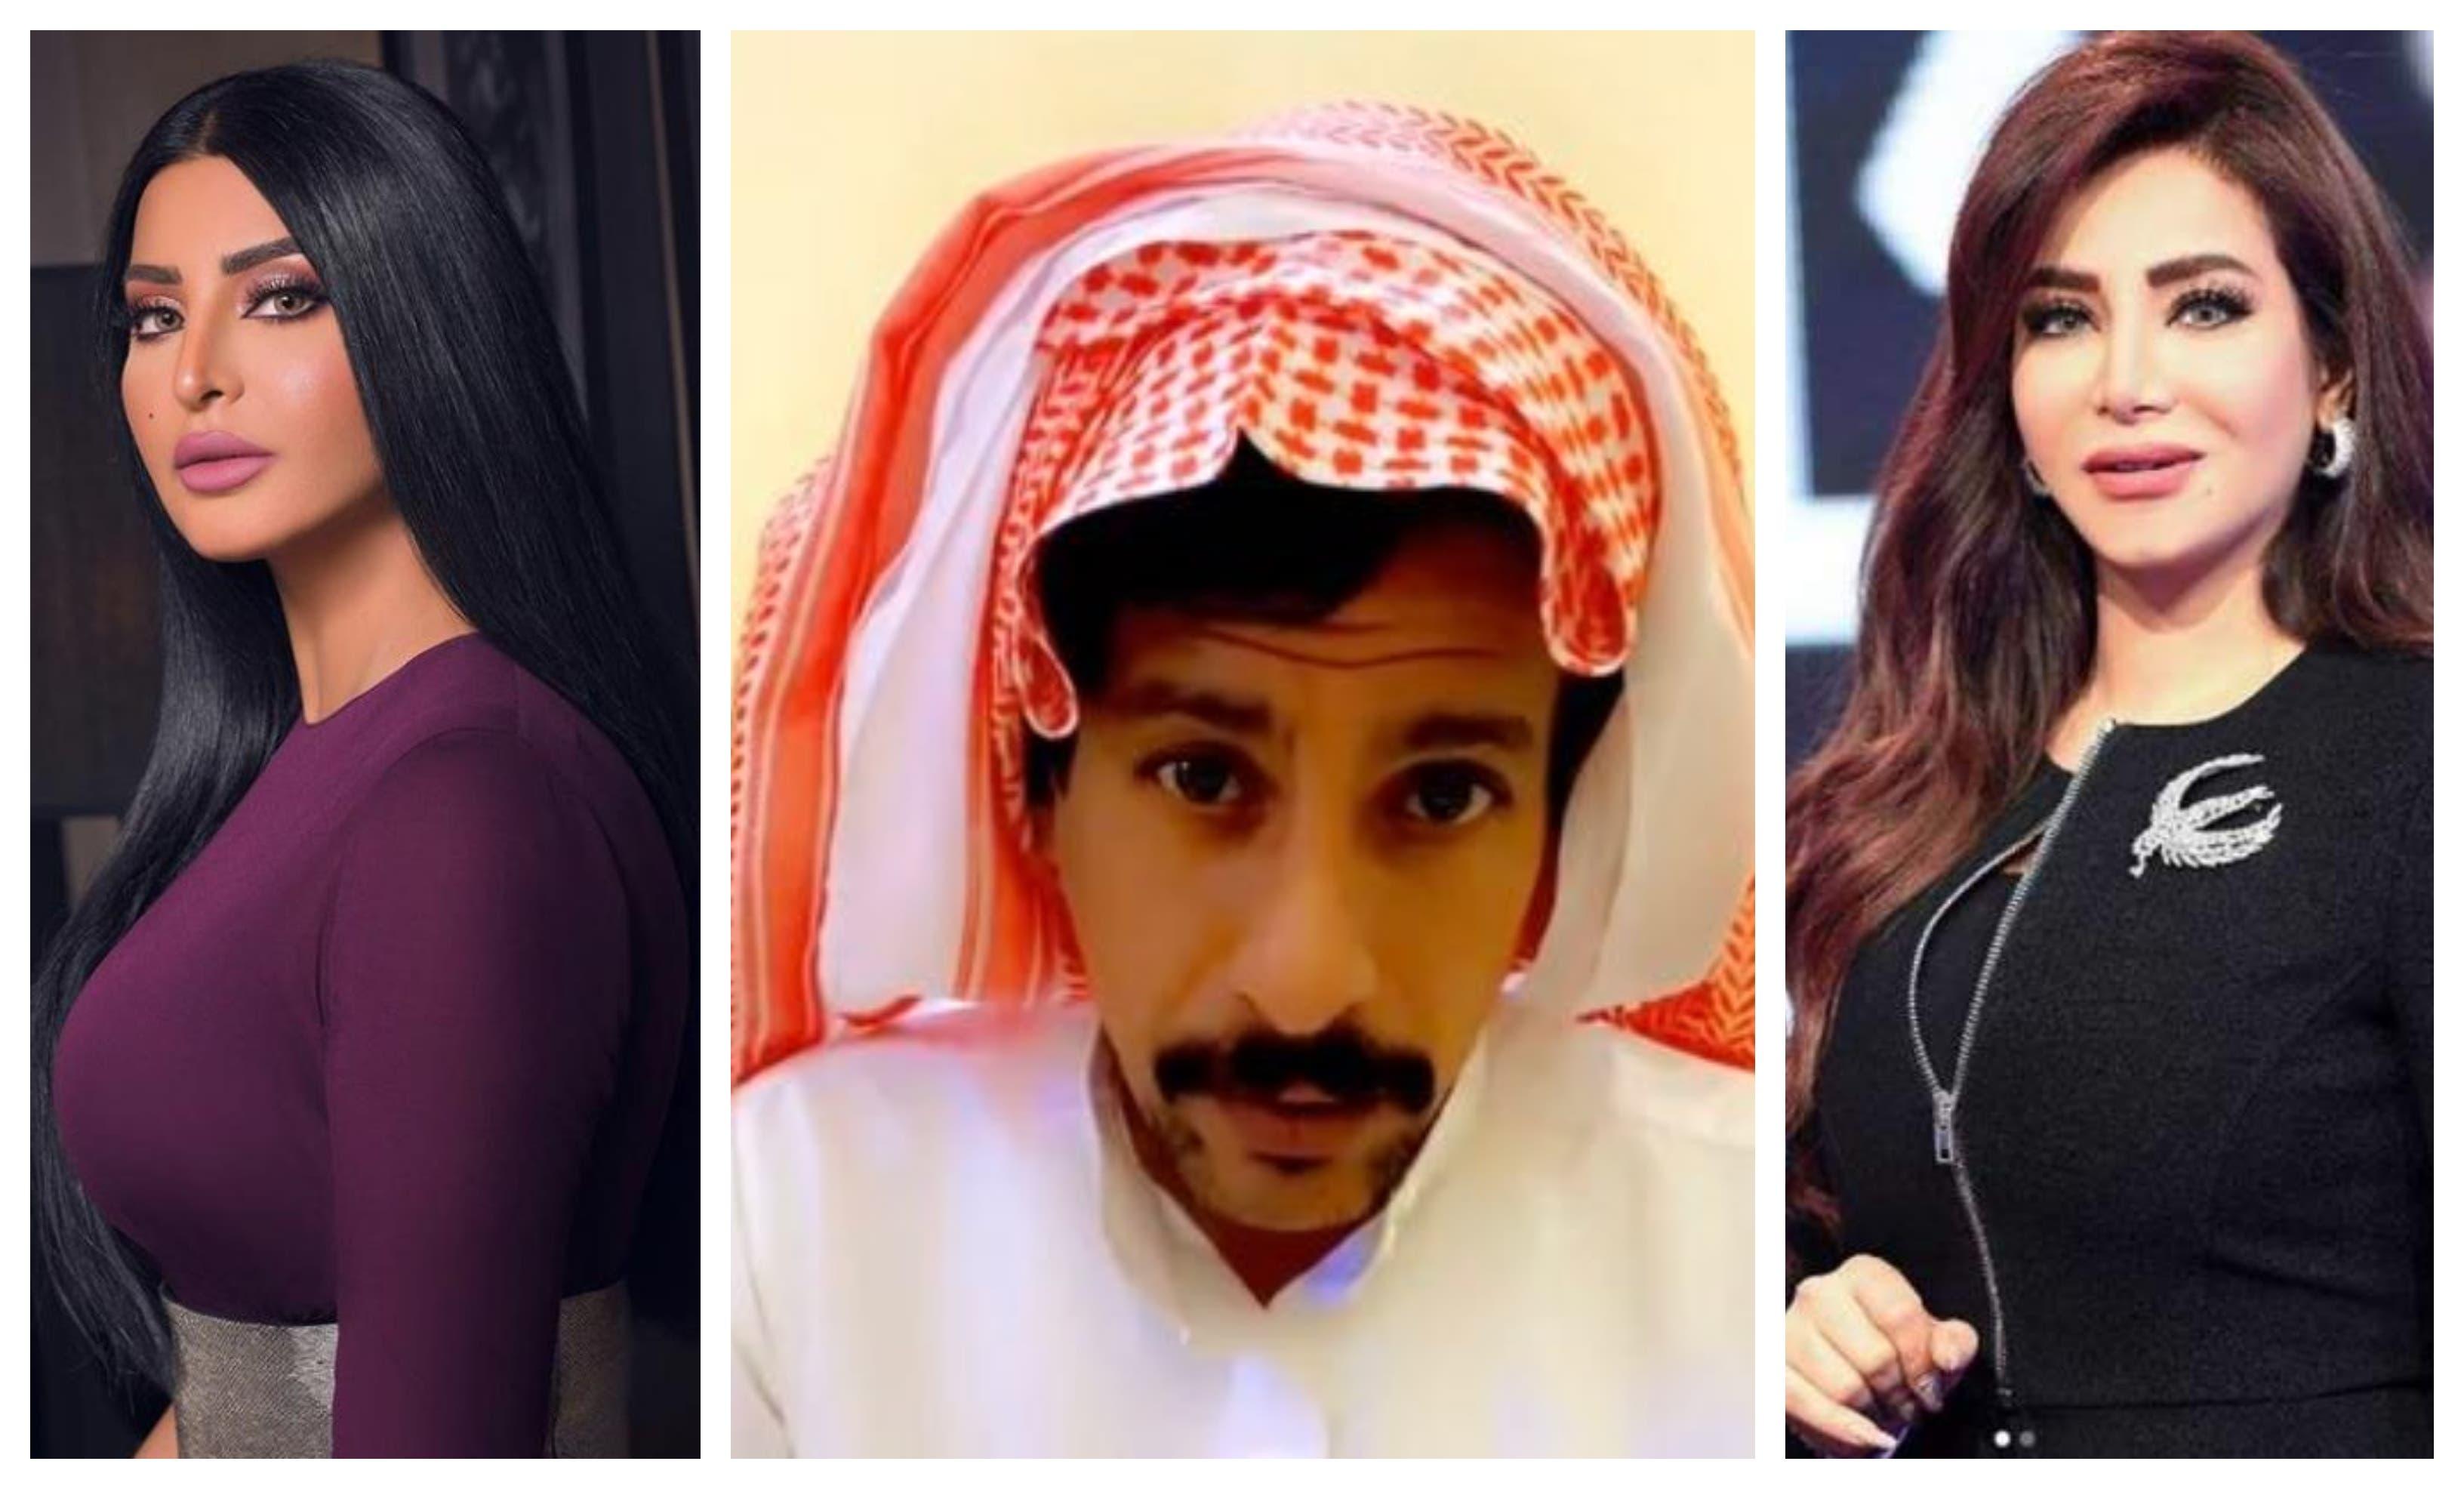 بعد أن رفضته لجين عمران وريم عبدالله.. إعلامية سعودية تعرض الزواج على رعش!  | البوابة